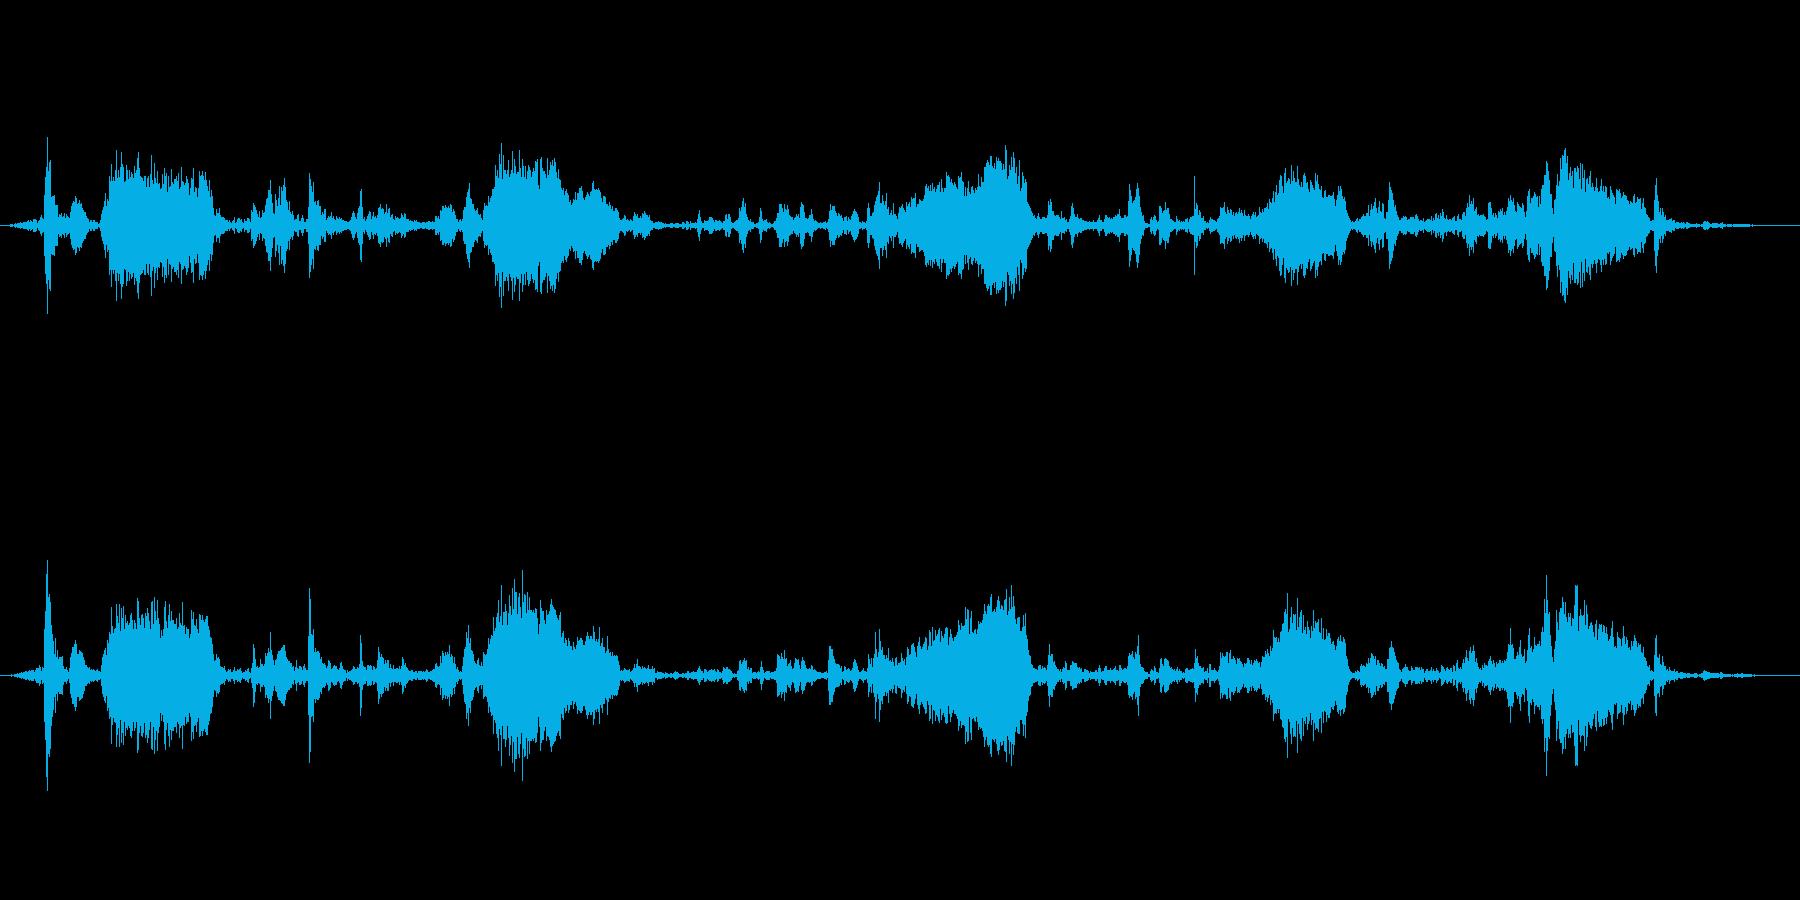 手lakeぎボートの湖(オールきしみ)の再生済みの波形